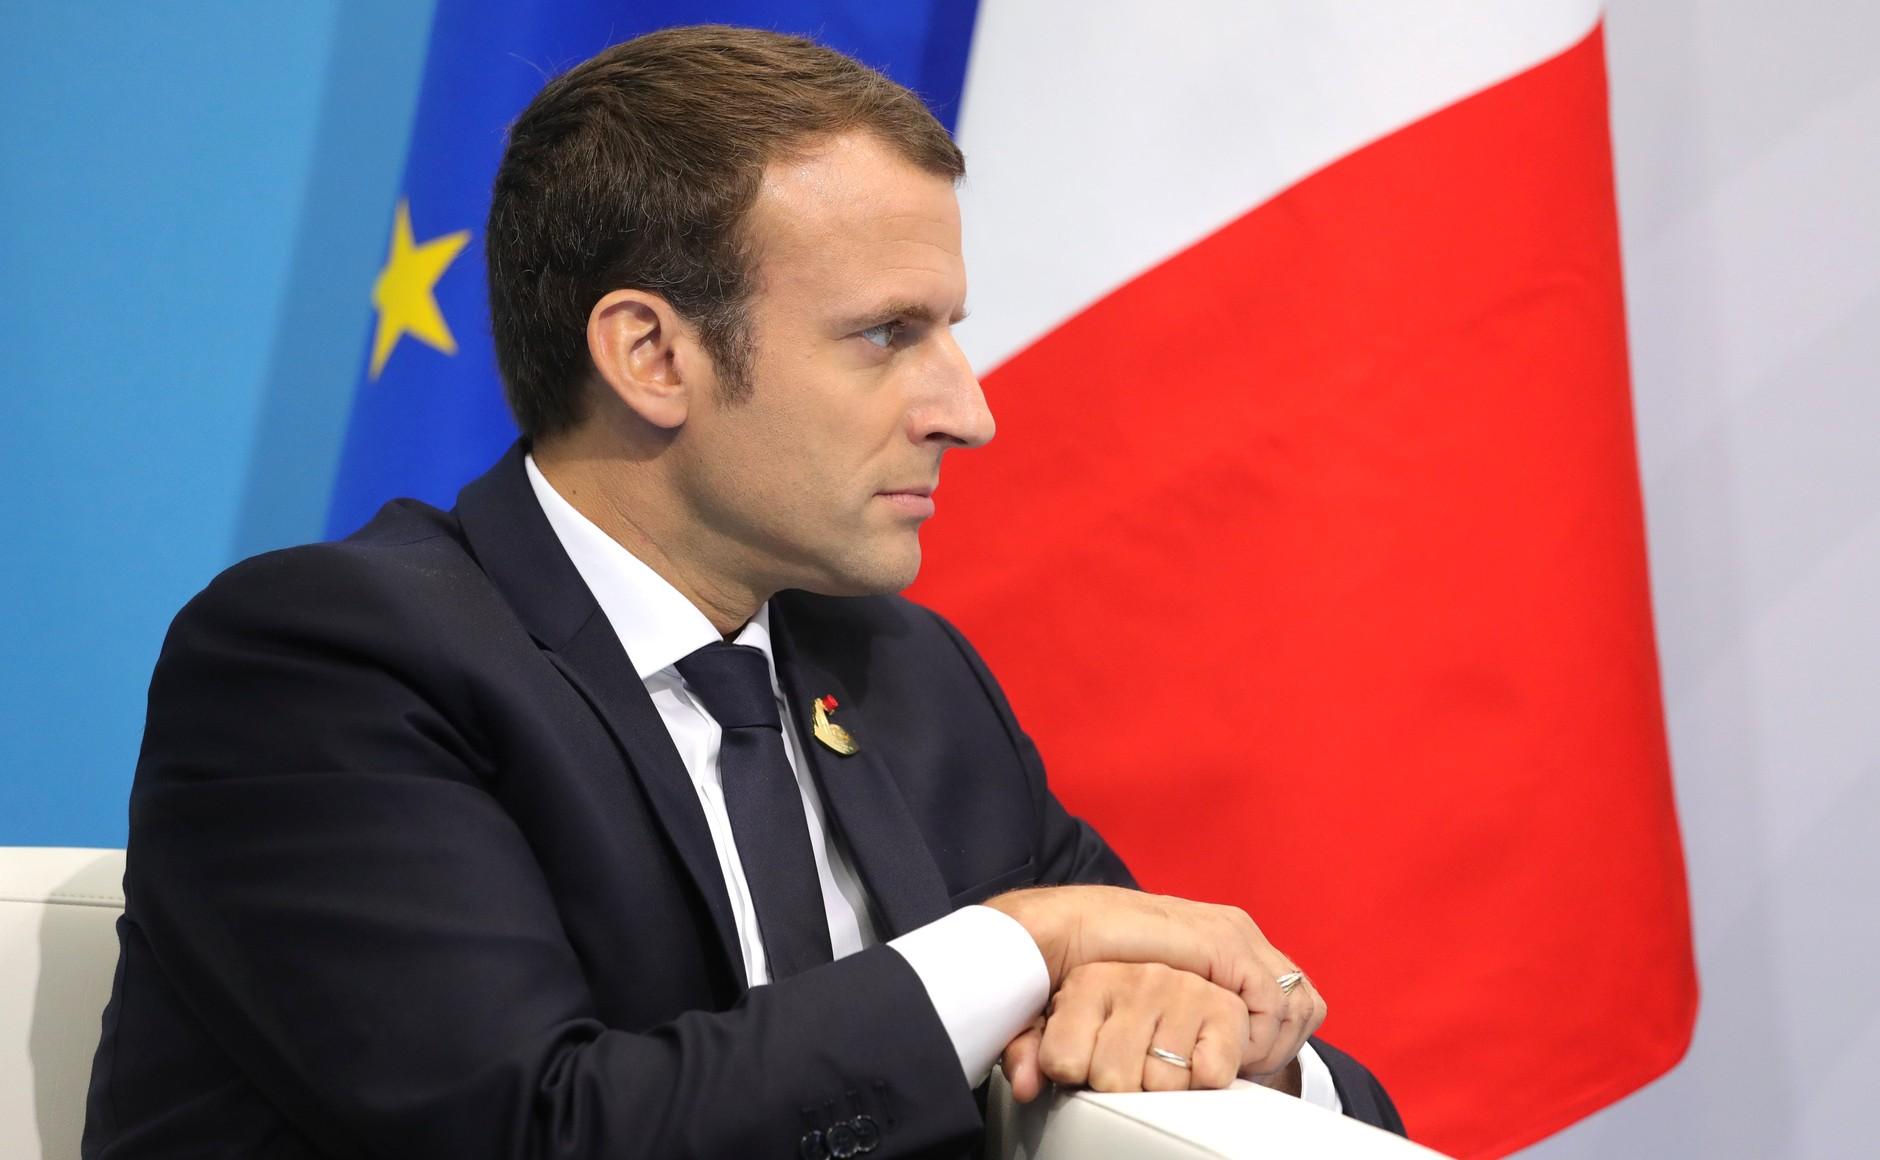 Le discours de Macron revu par Gaspard Koenig